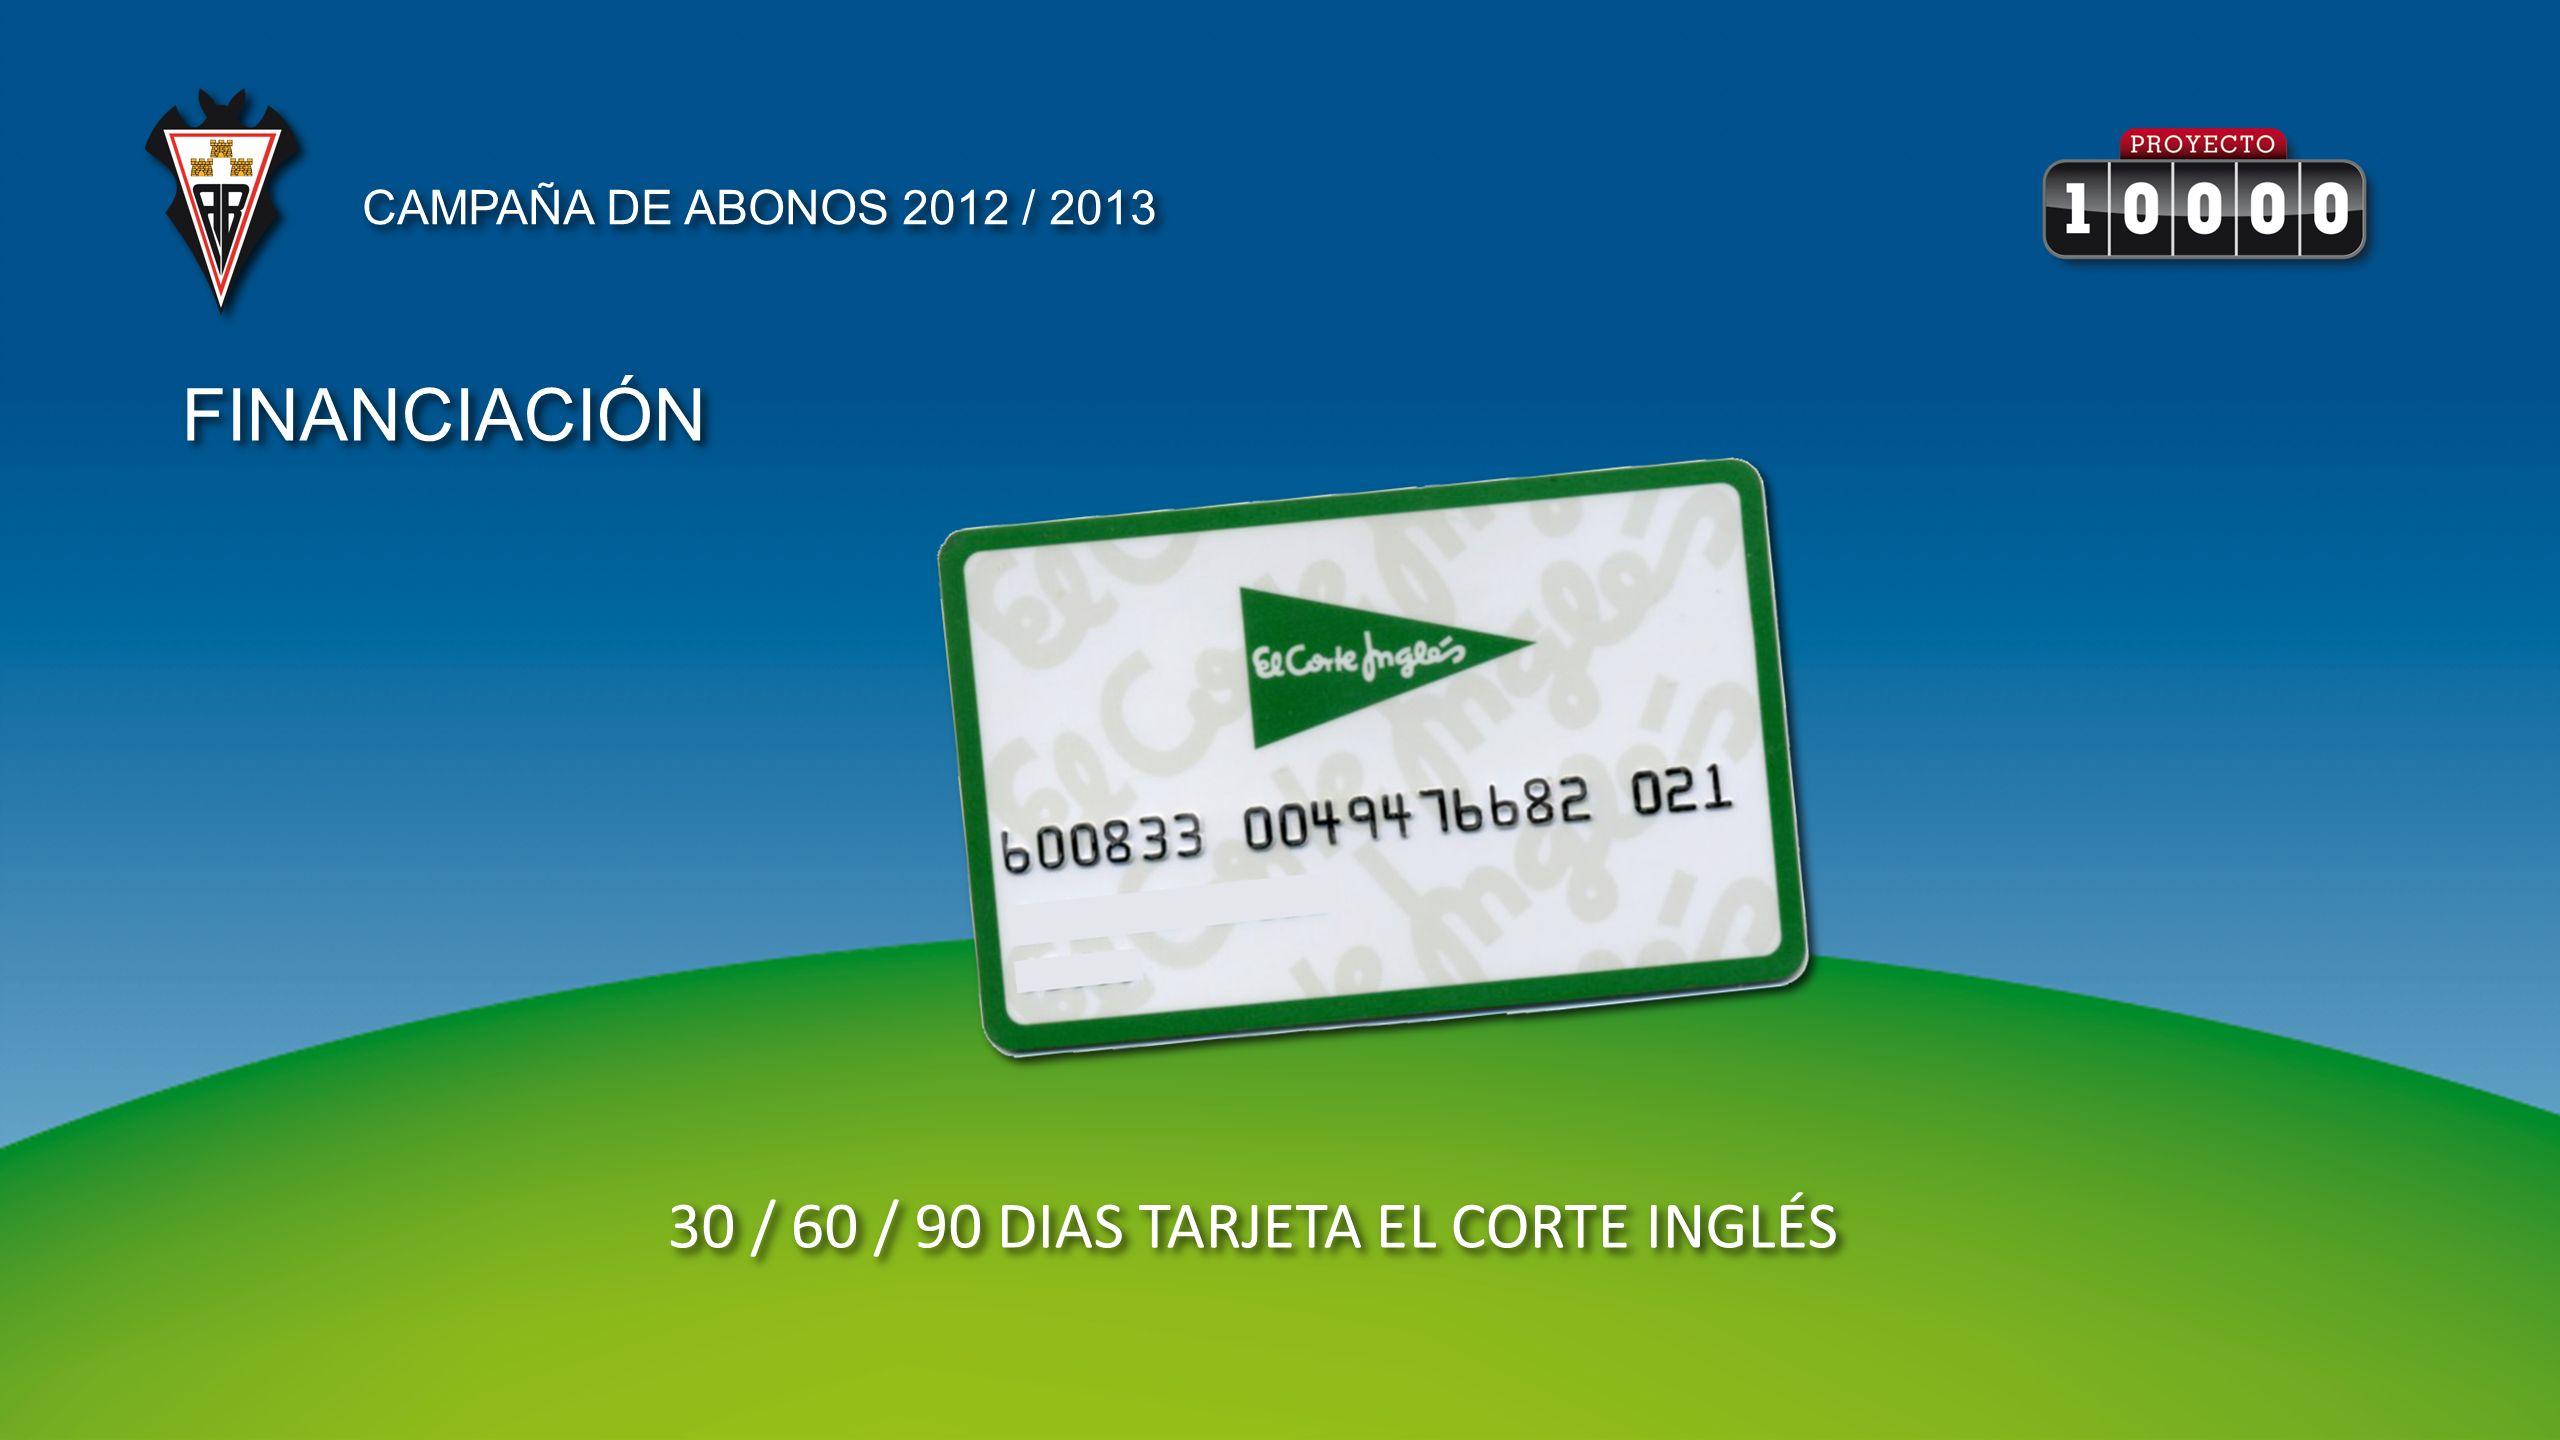 FINANCIACIÓN 30 / 60 / 90 DIAS TARJETA EL CORTE INGLÉS